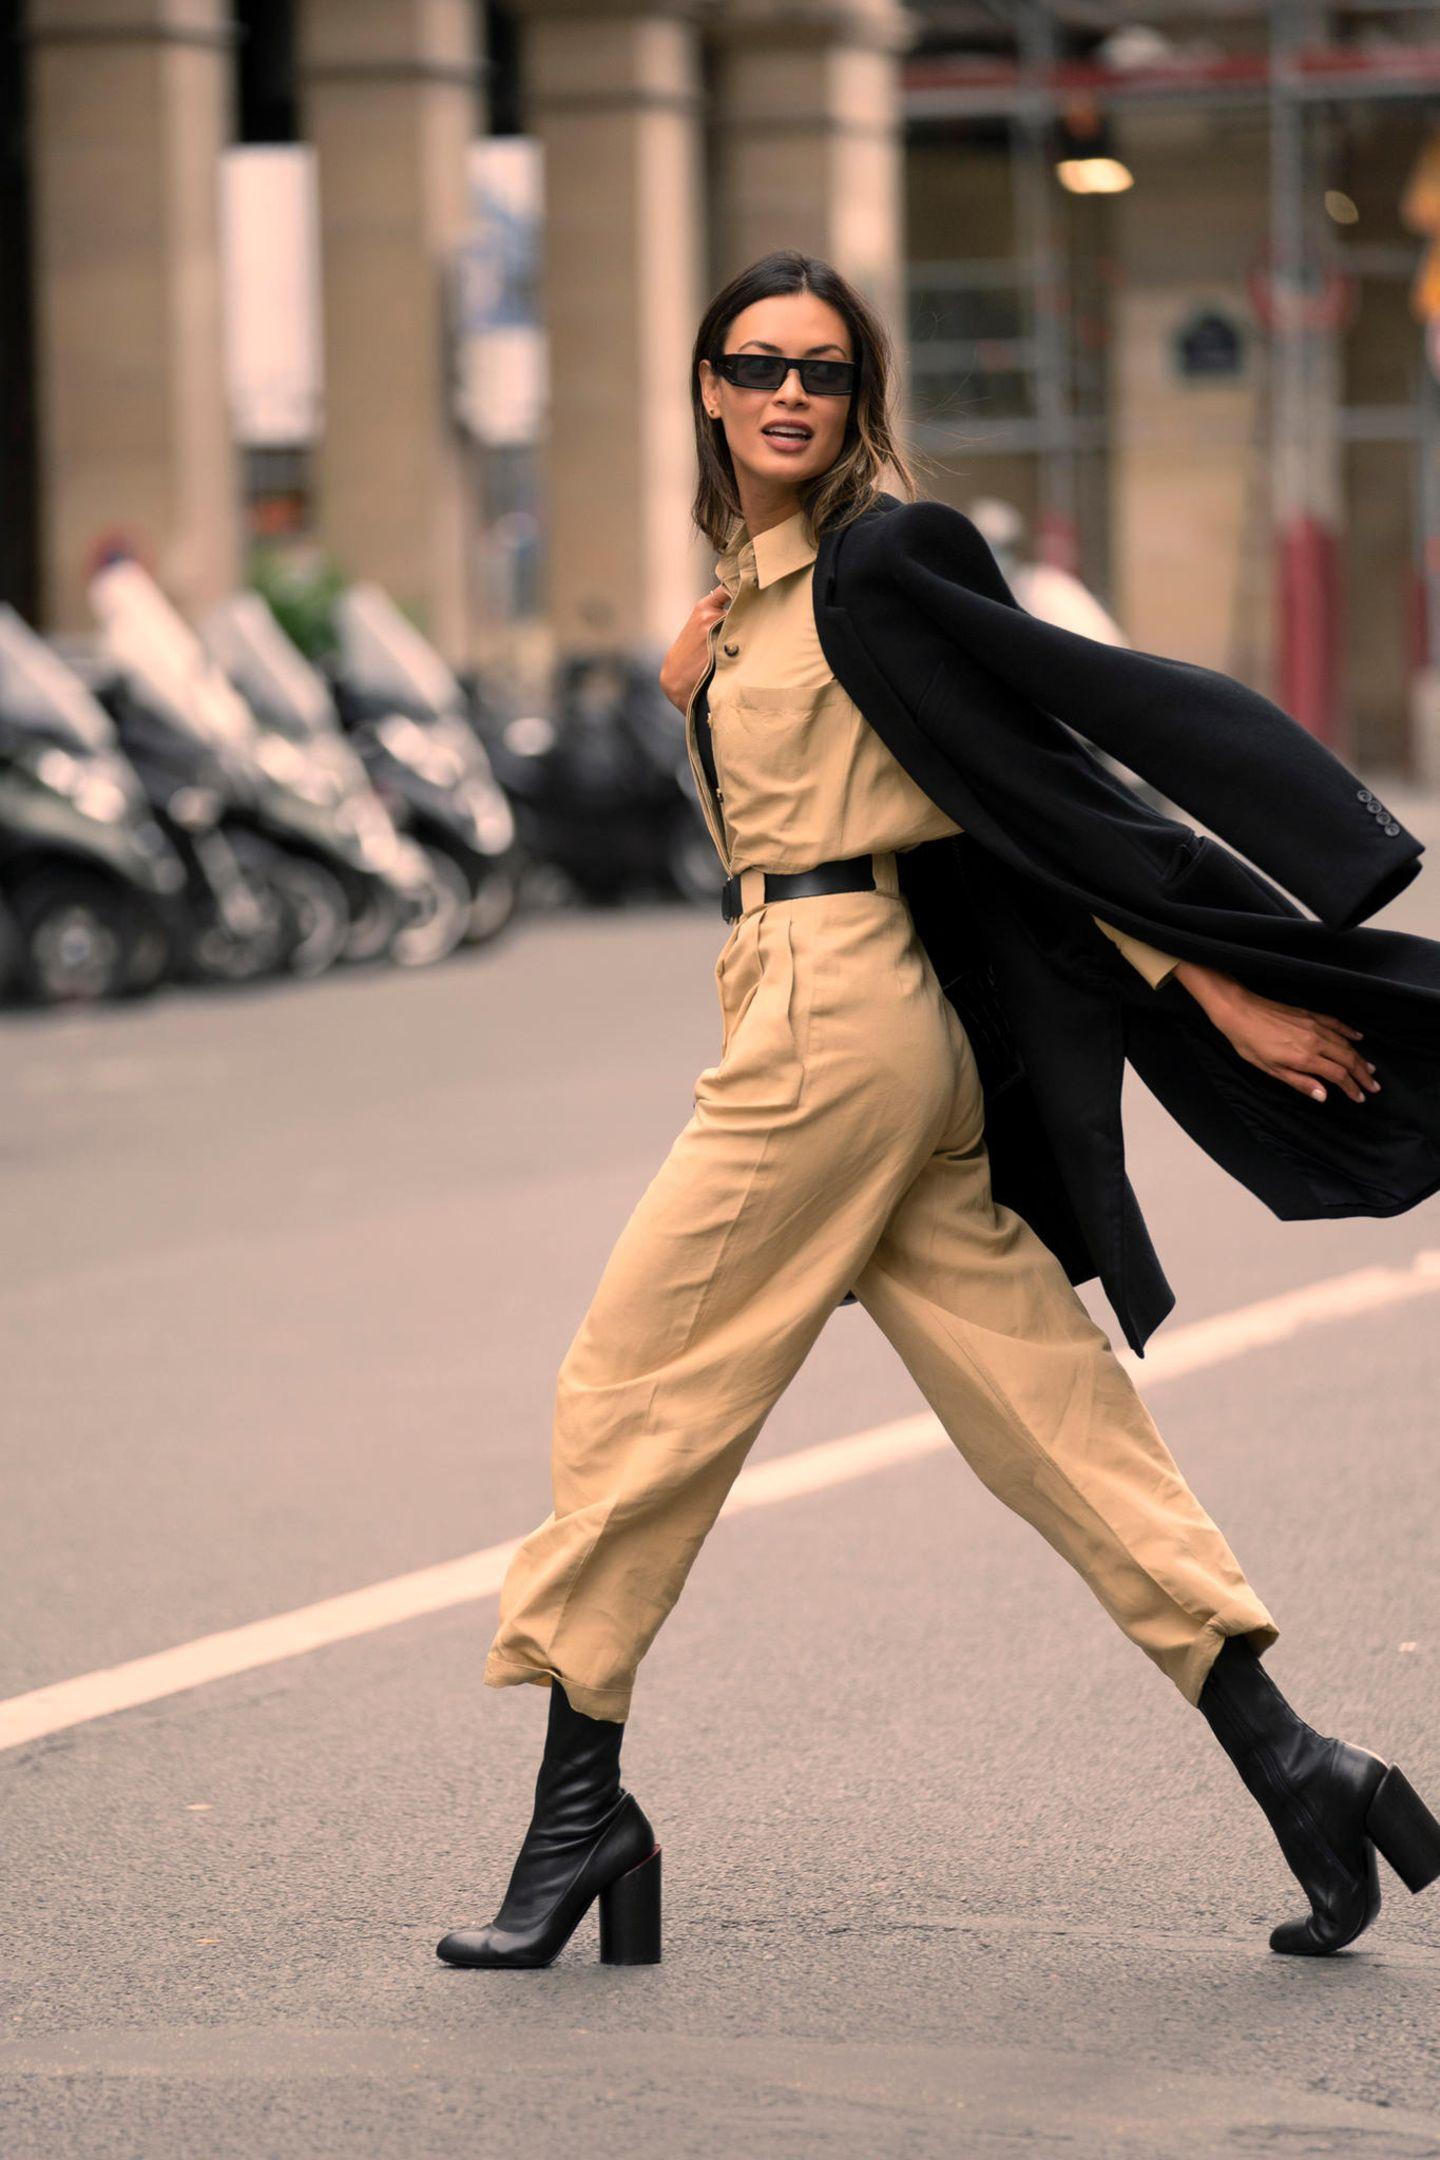 Von wegen Französinnen laufen immer im eleganten Kostüm herum. Die echte Nonchalance à la francaise erreicht ihr schon mit einem lässigen Boilersuit und coolen Boots.